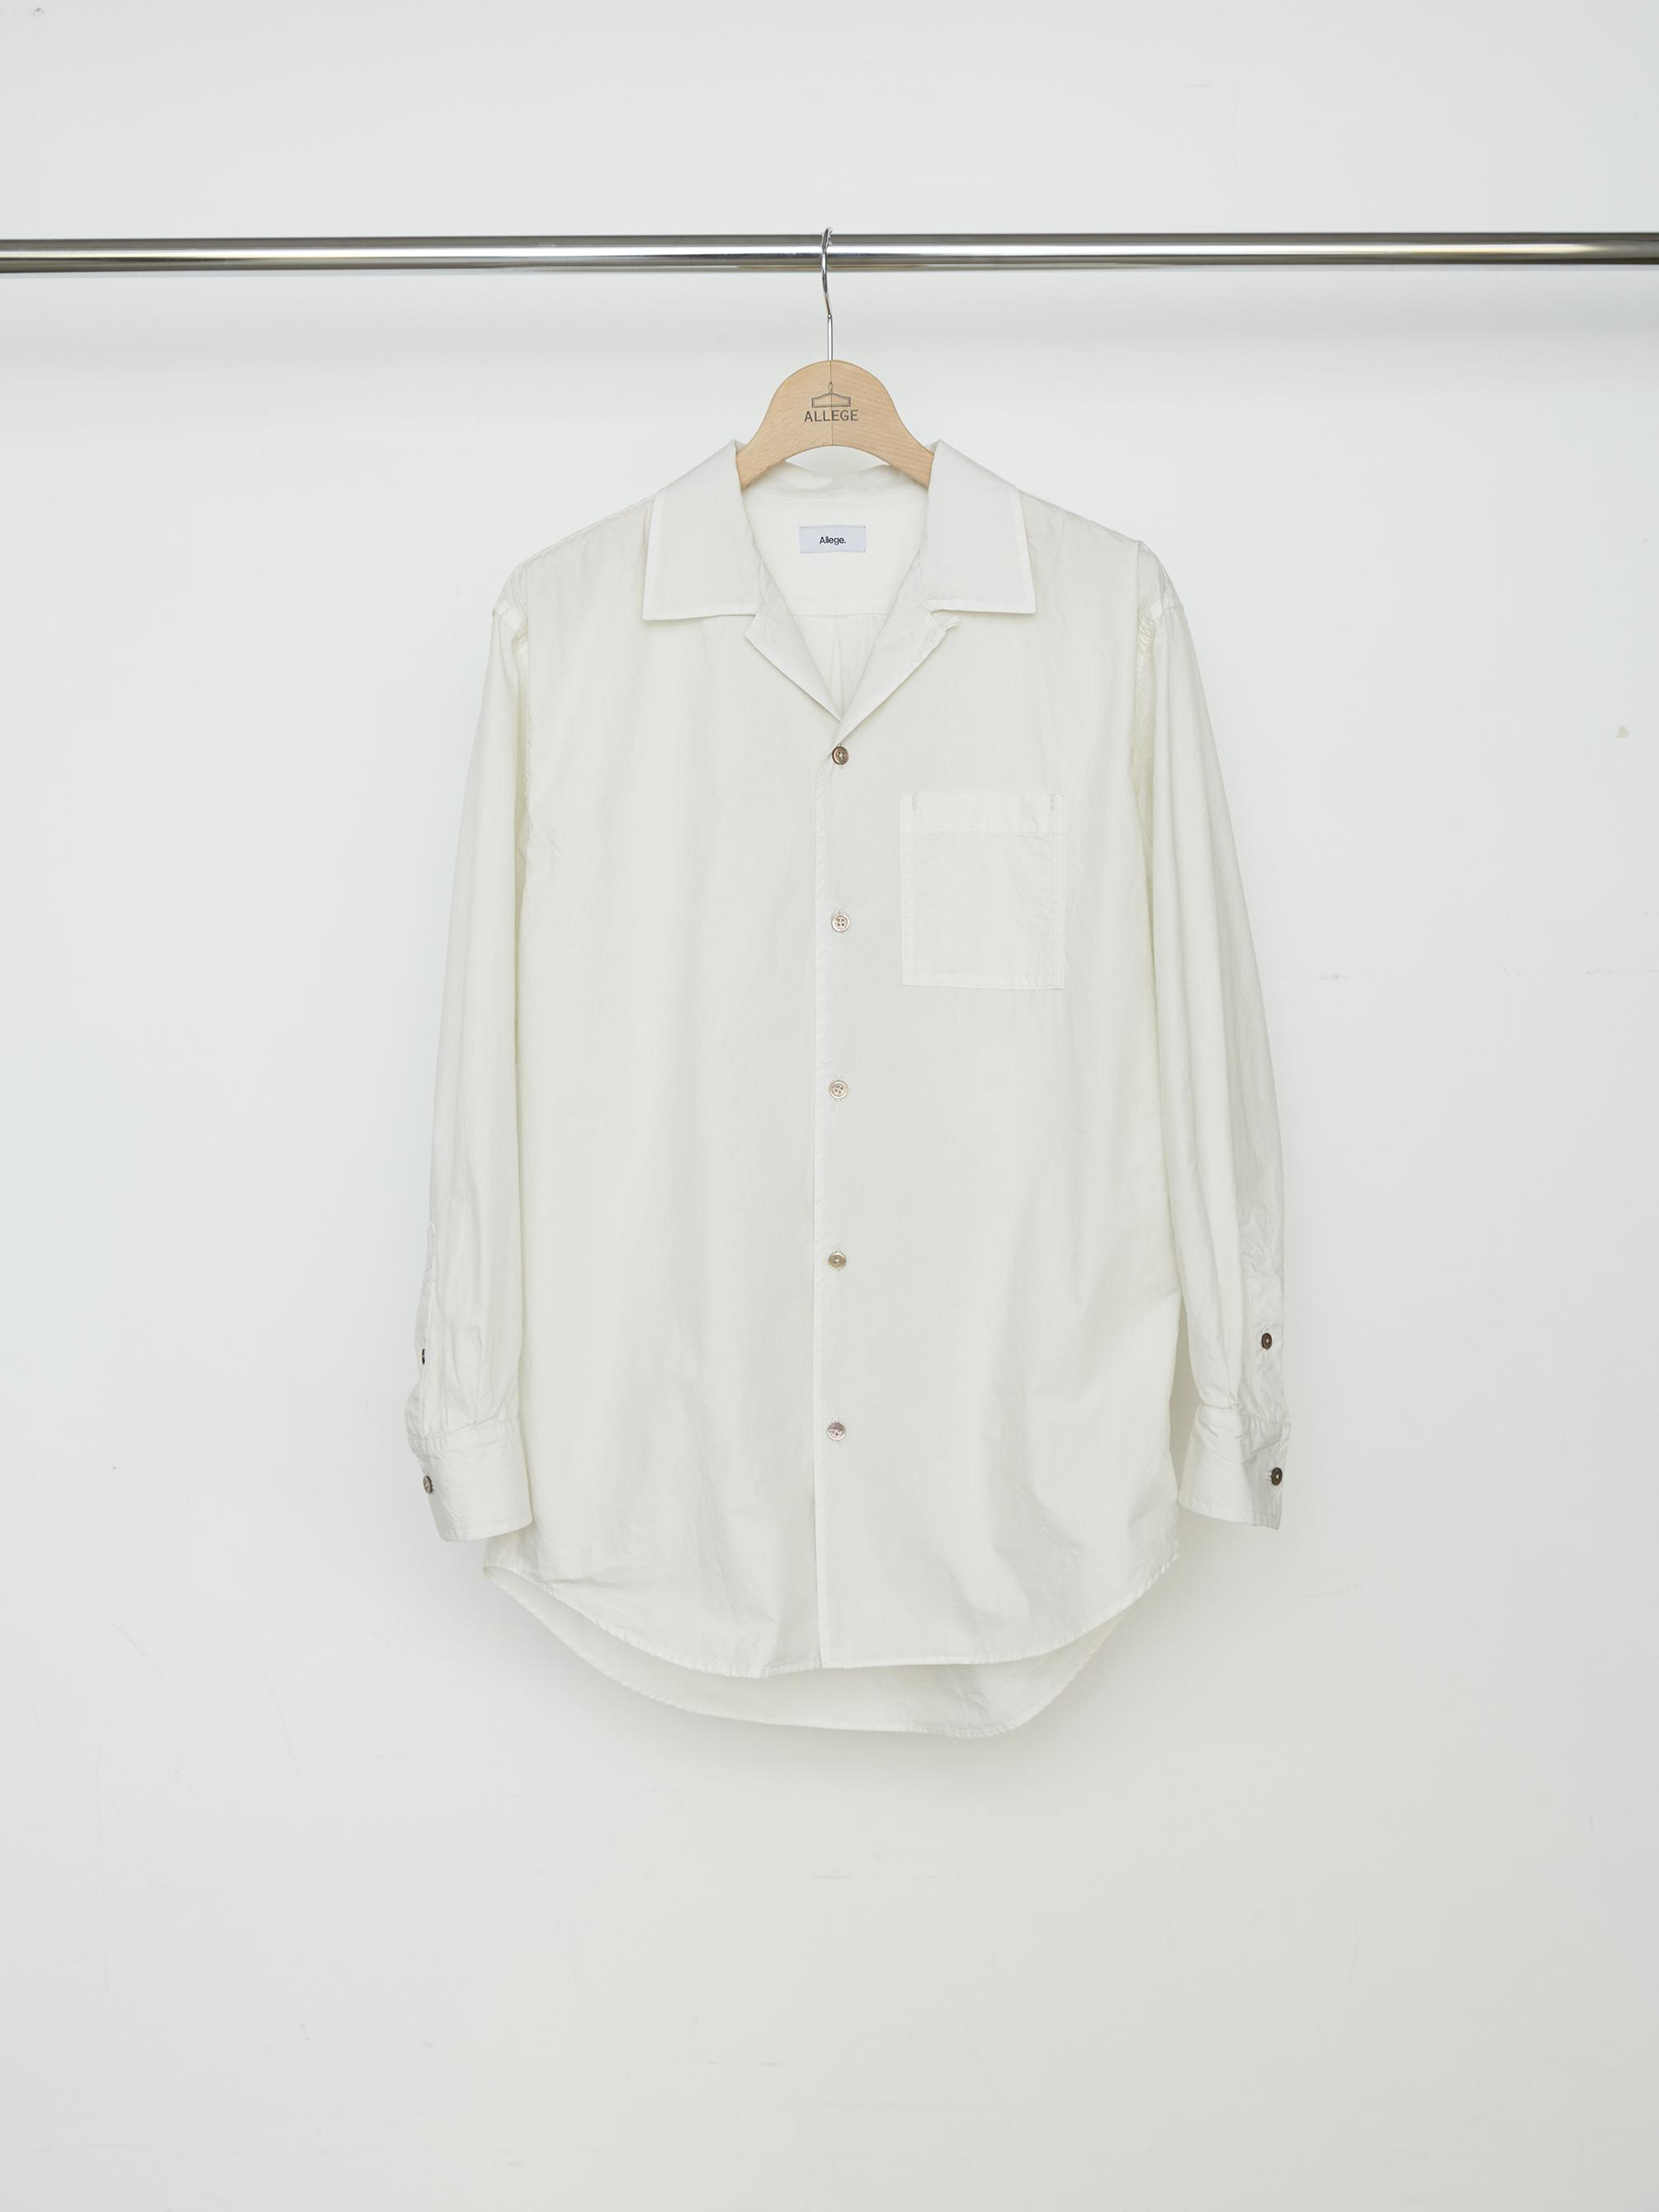 Pigment Dye OP Shirt - OFF